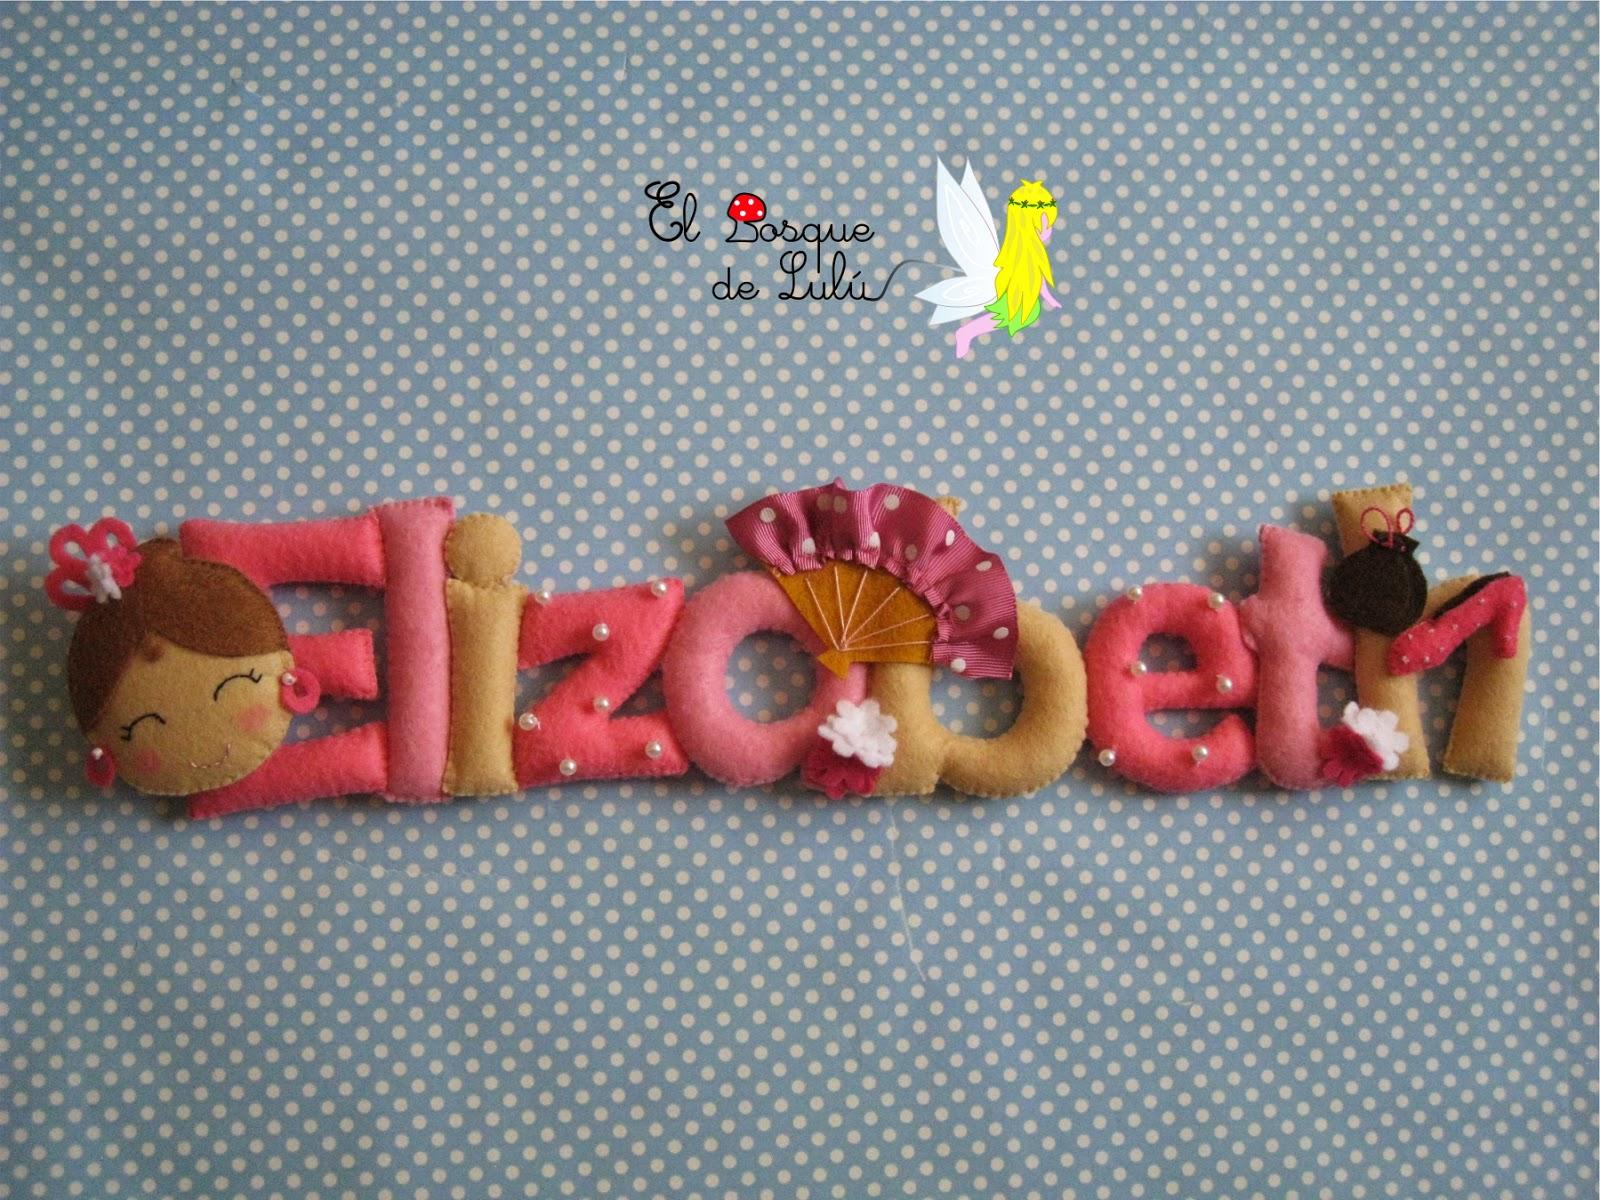 nombre-decorativo-fieltro-Elizabeth-flamenco-infantil-decoración-detalle-nacimiento